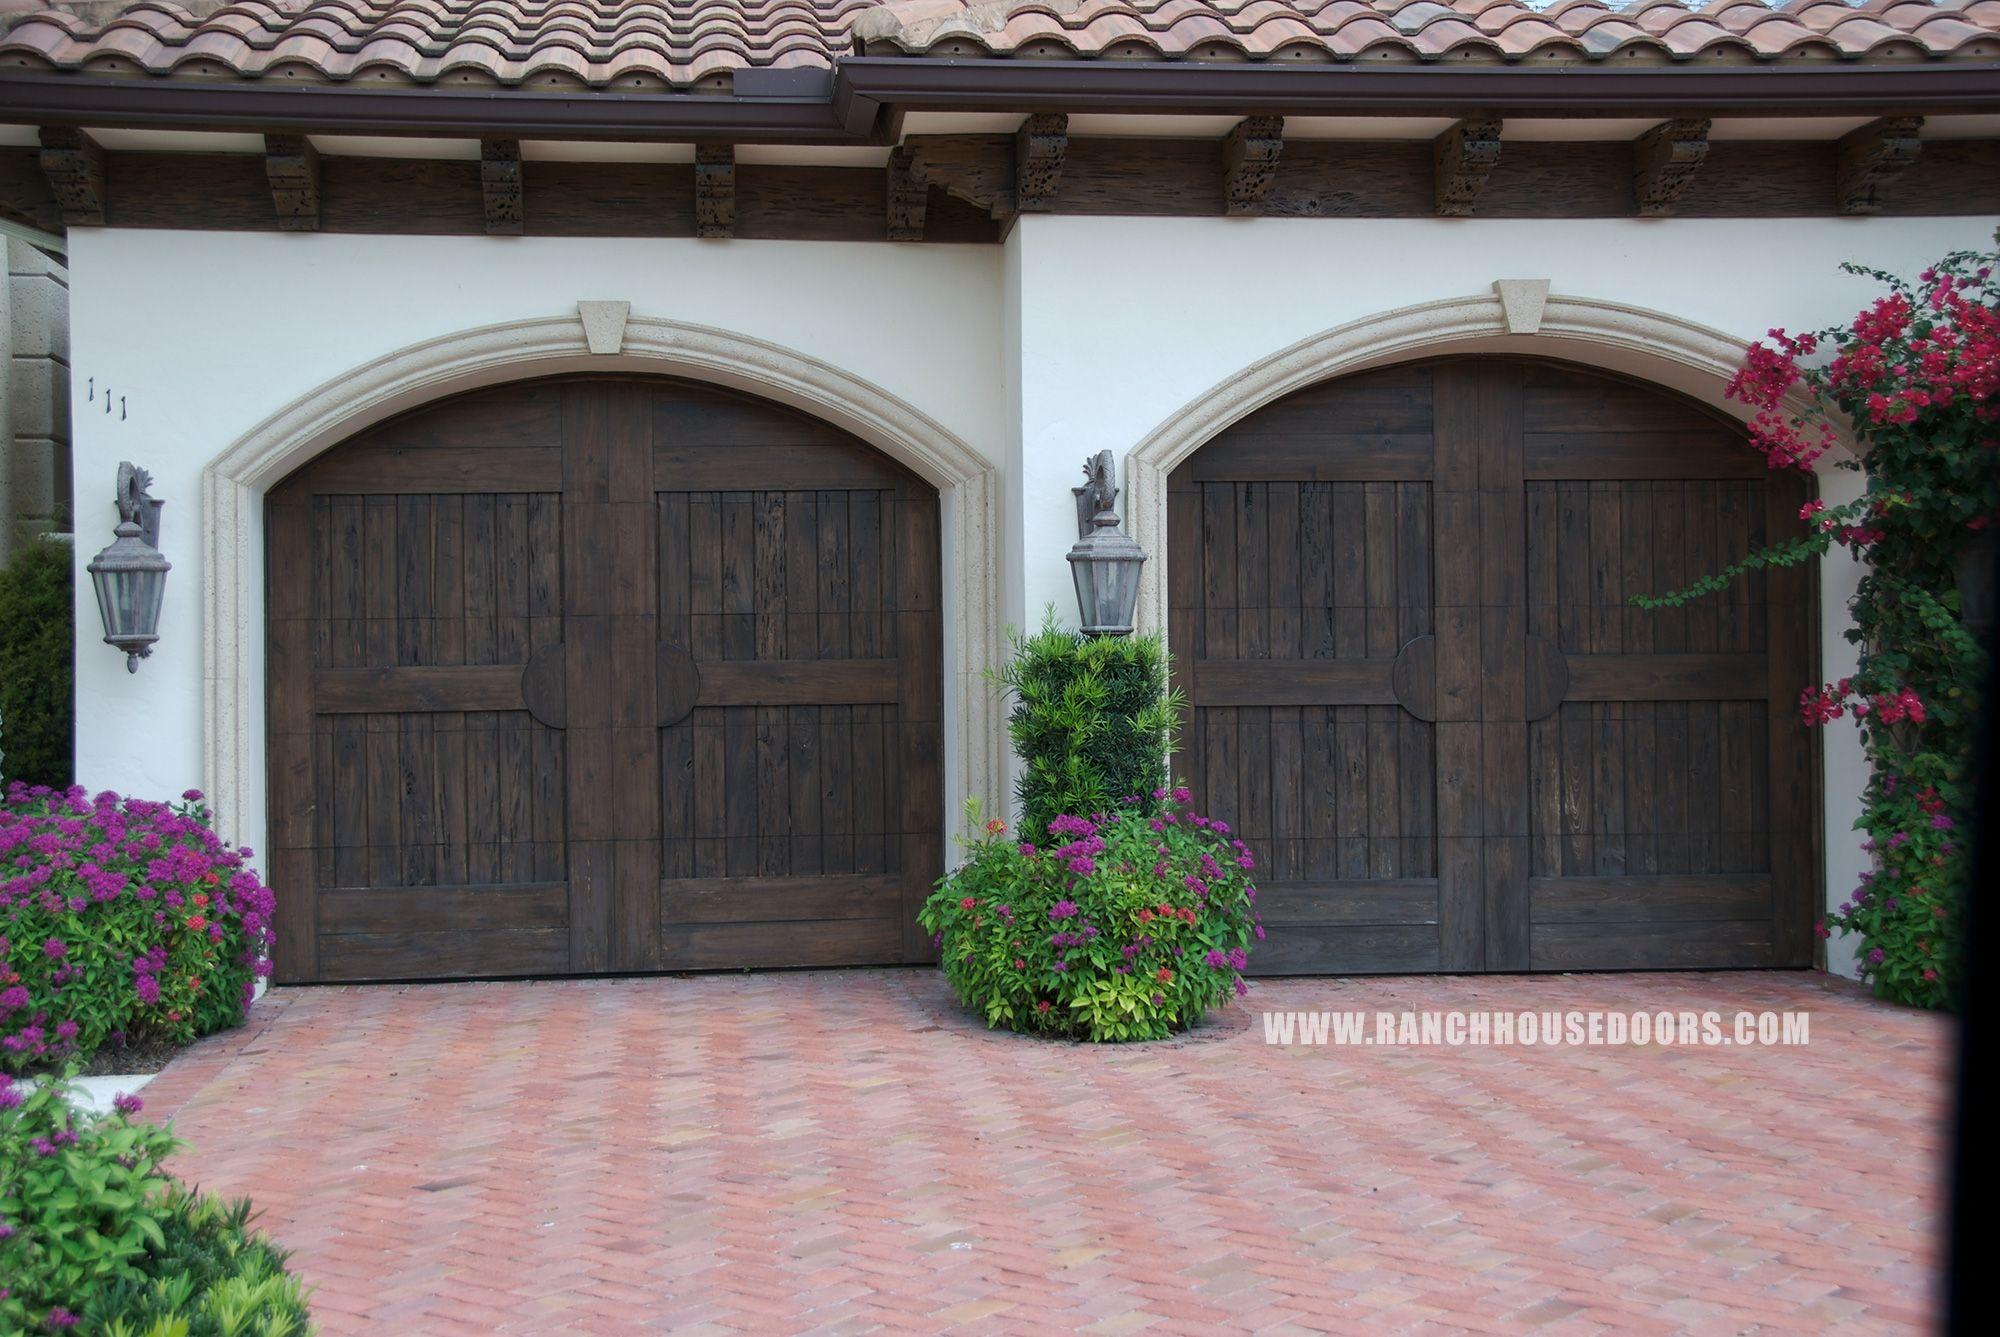 Ranch House Doors Elements Collection Faux Wood Garage Doors Curb Appeal Of Wooden Garage Door Durability With Images Garage Door Design Garage Doors Wooden Garage Doors